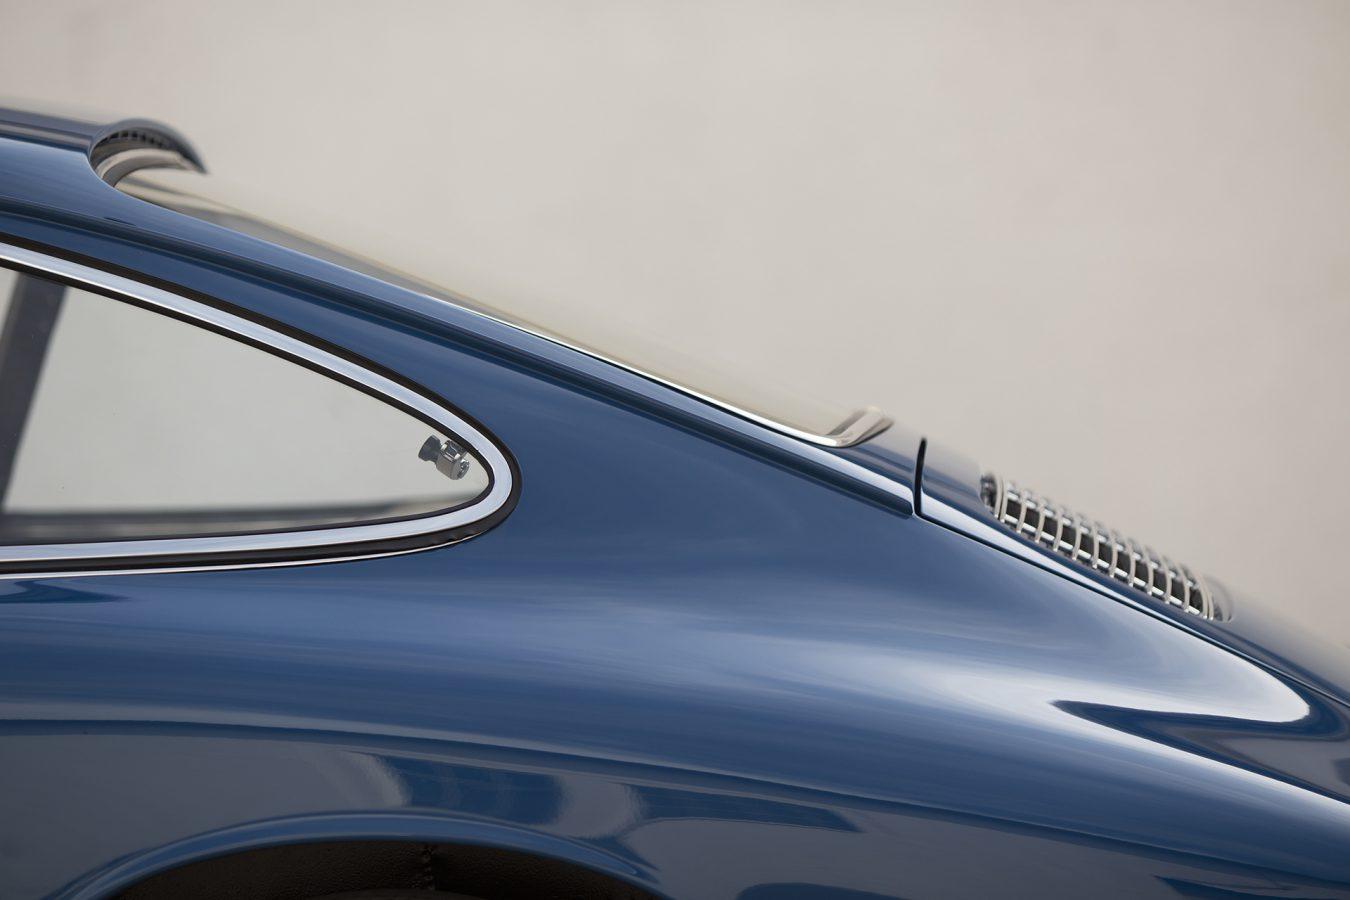 Metallic Blauer Porsche 911